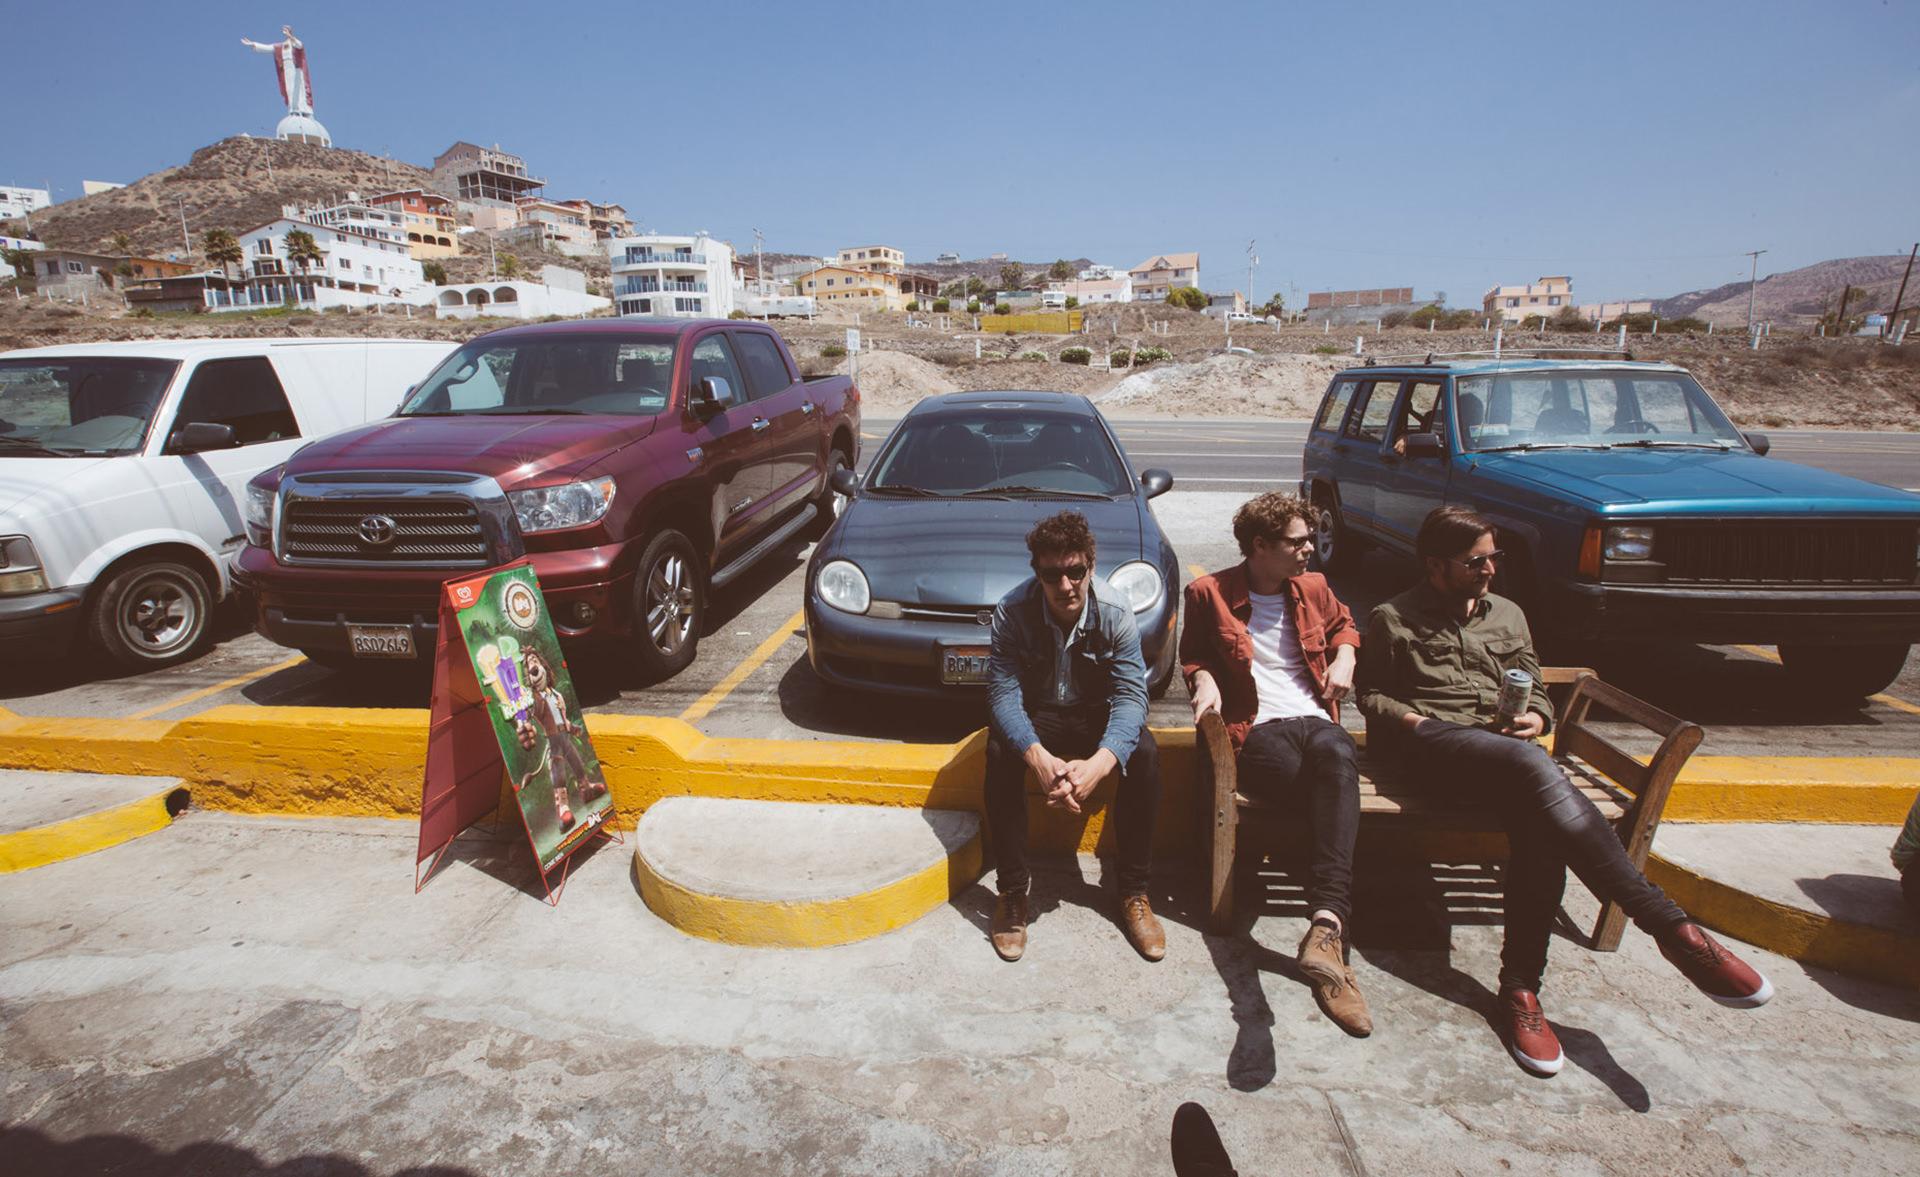 parkplatz-pause-freunde-tijuana-relaxen